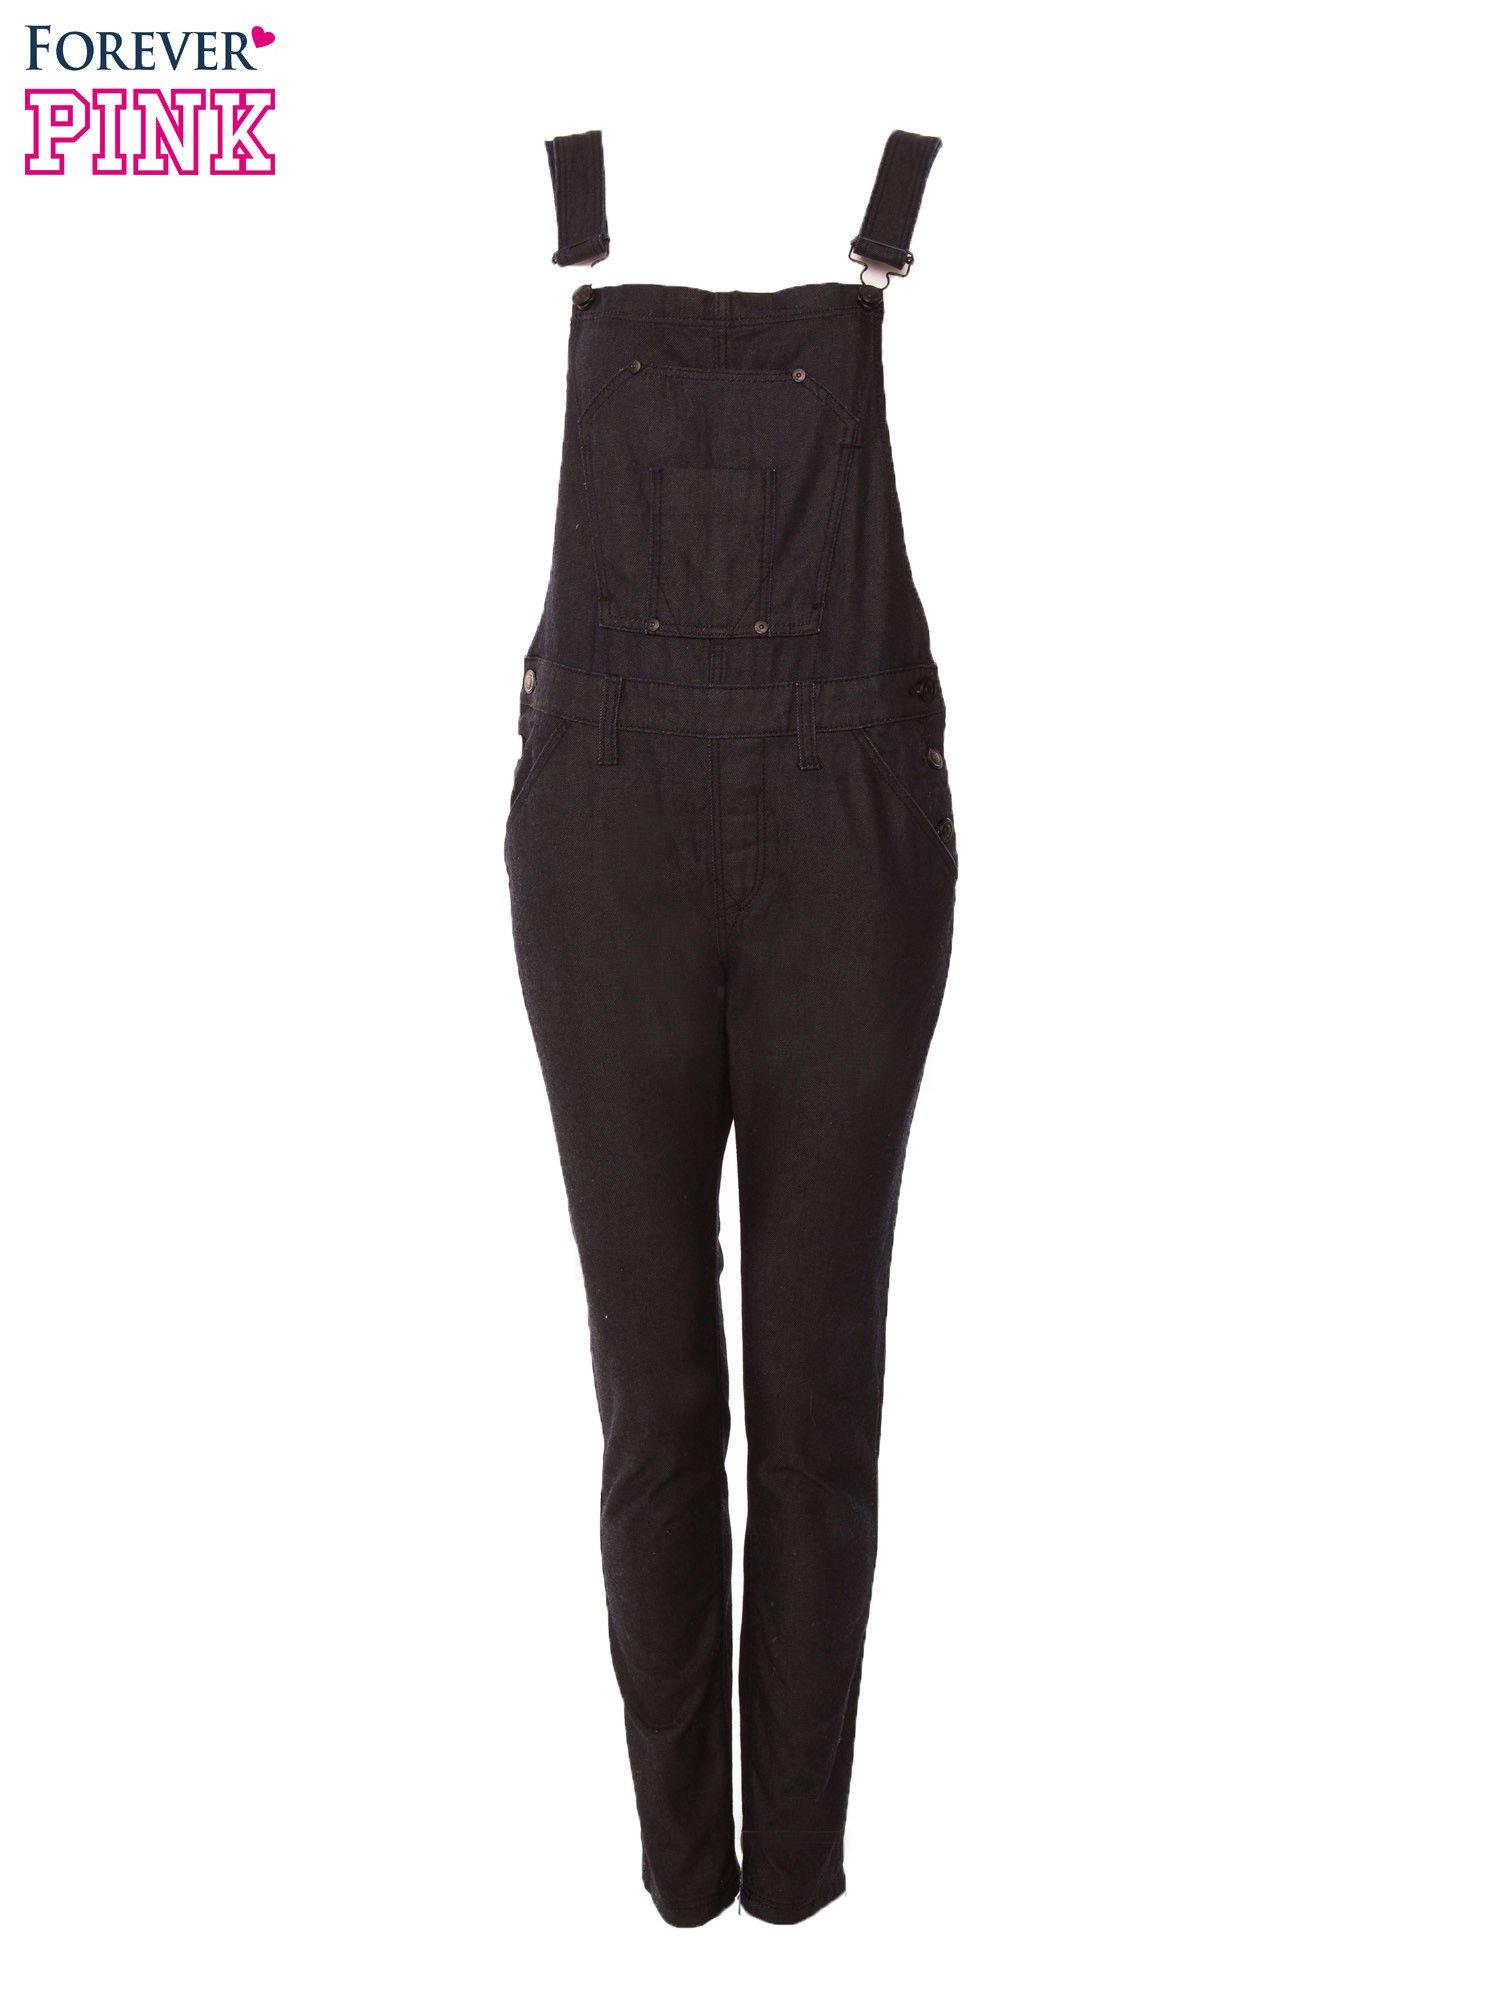 Czarne ogrodniczki jeansowe z kieszeniami                                  zdj.                                  1